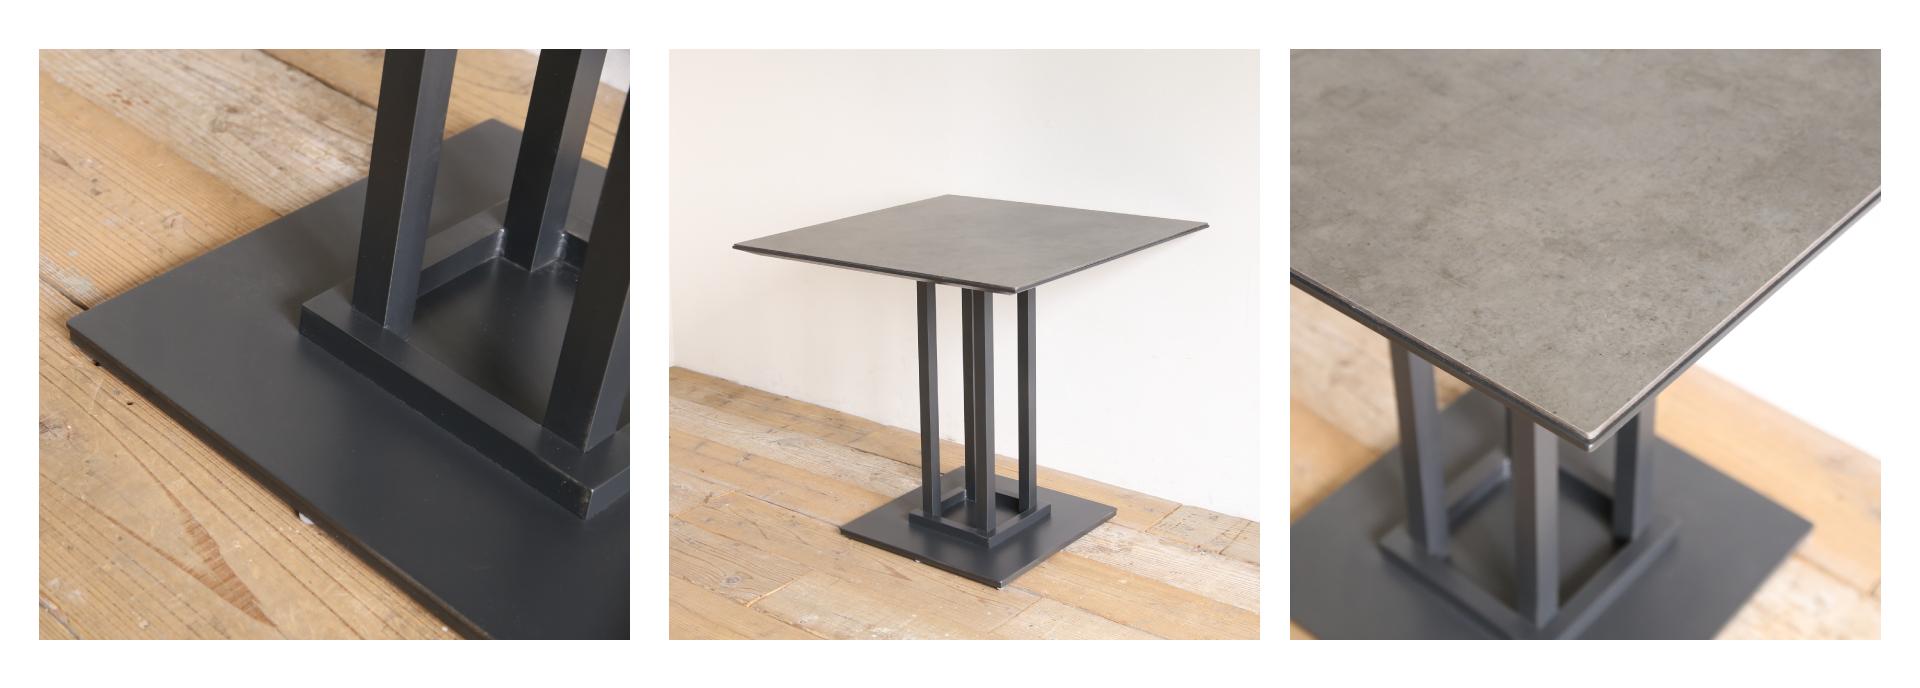 CORTILE TABLE(コルティーレテーブル)軽いので天気のいい日にはベランダに持っていき、読書やお茶を楽しむのもいいかもしれません。お部屋をリゾート感のあるモダンな空間に変えてしまうスパイスのような家具たちで、暮らし方を変えてみてはいかがでしょうか。